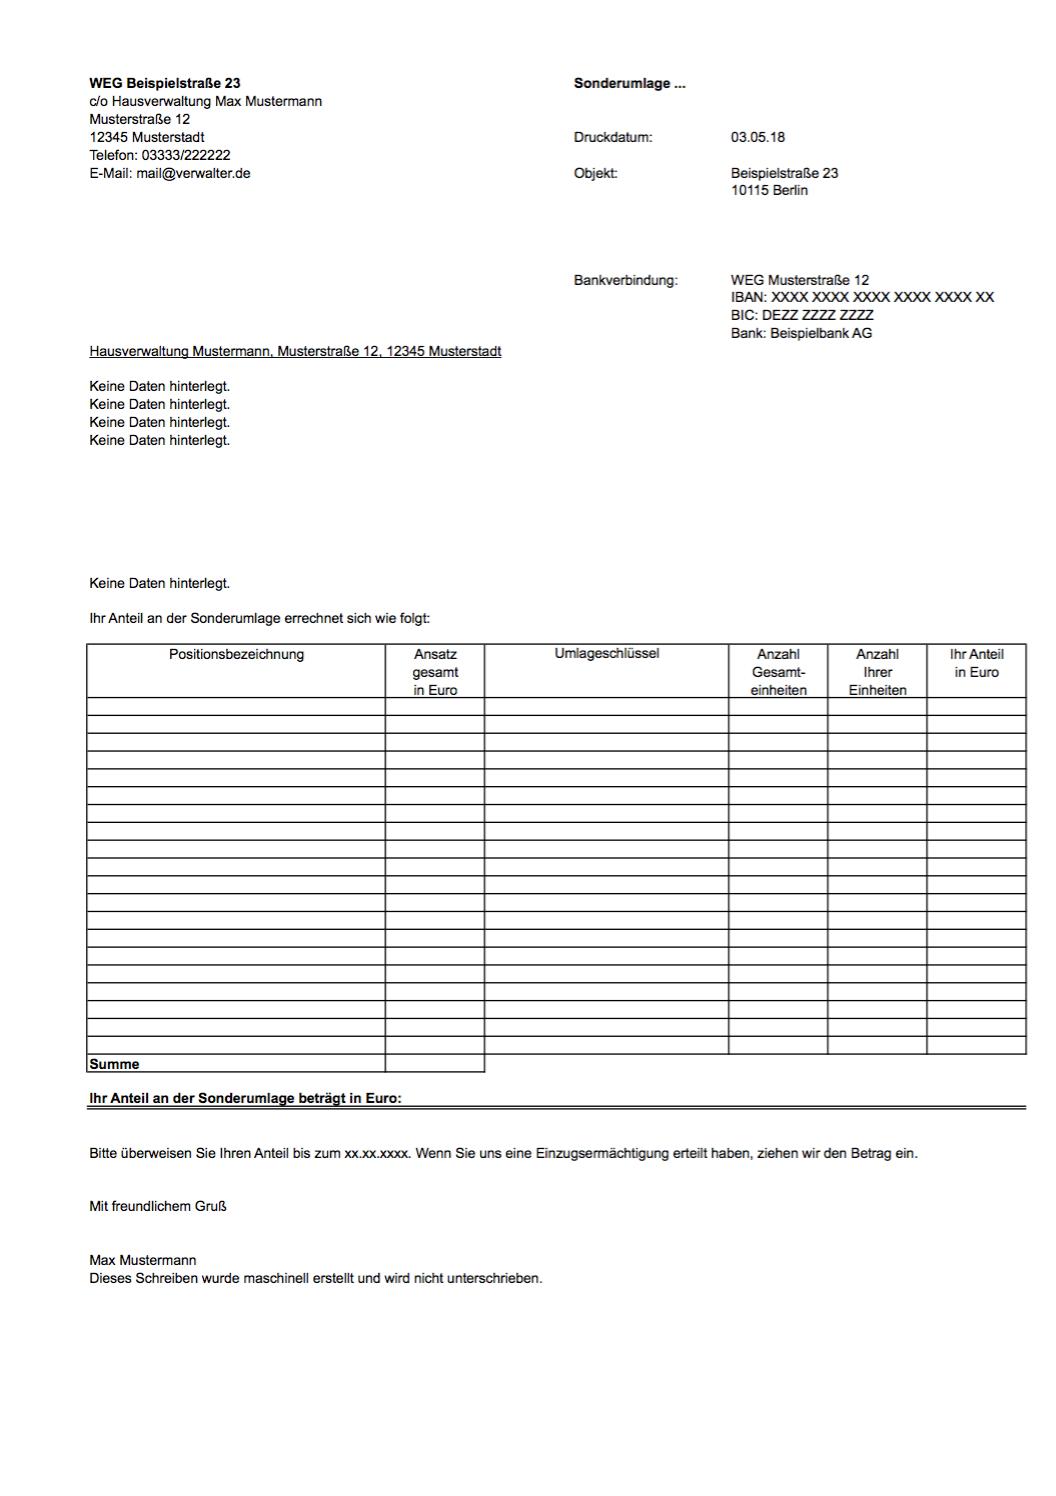 Excel Vorlage Sonderumlage Weg Nebenkosten Blog De